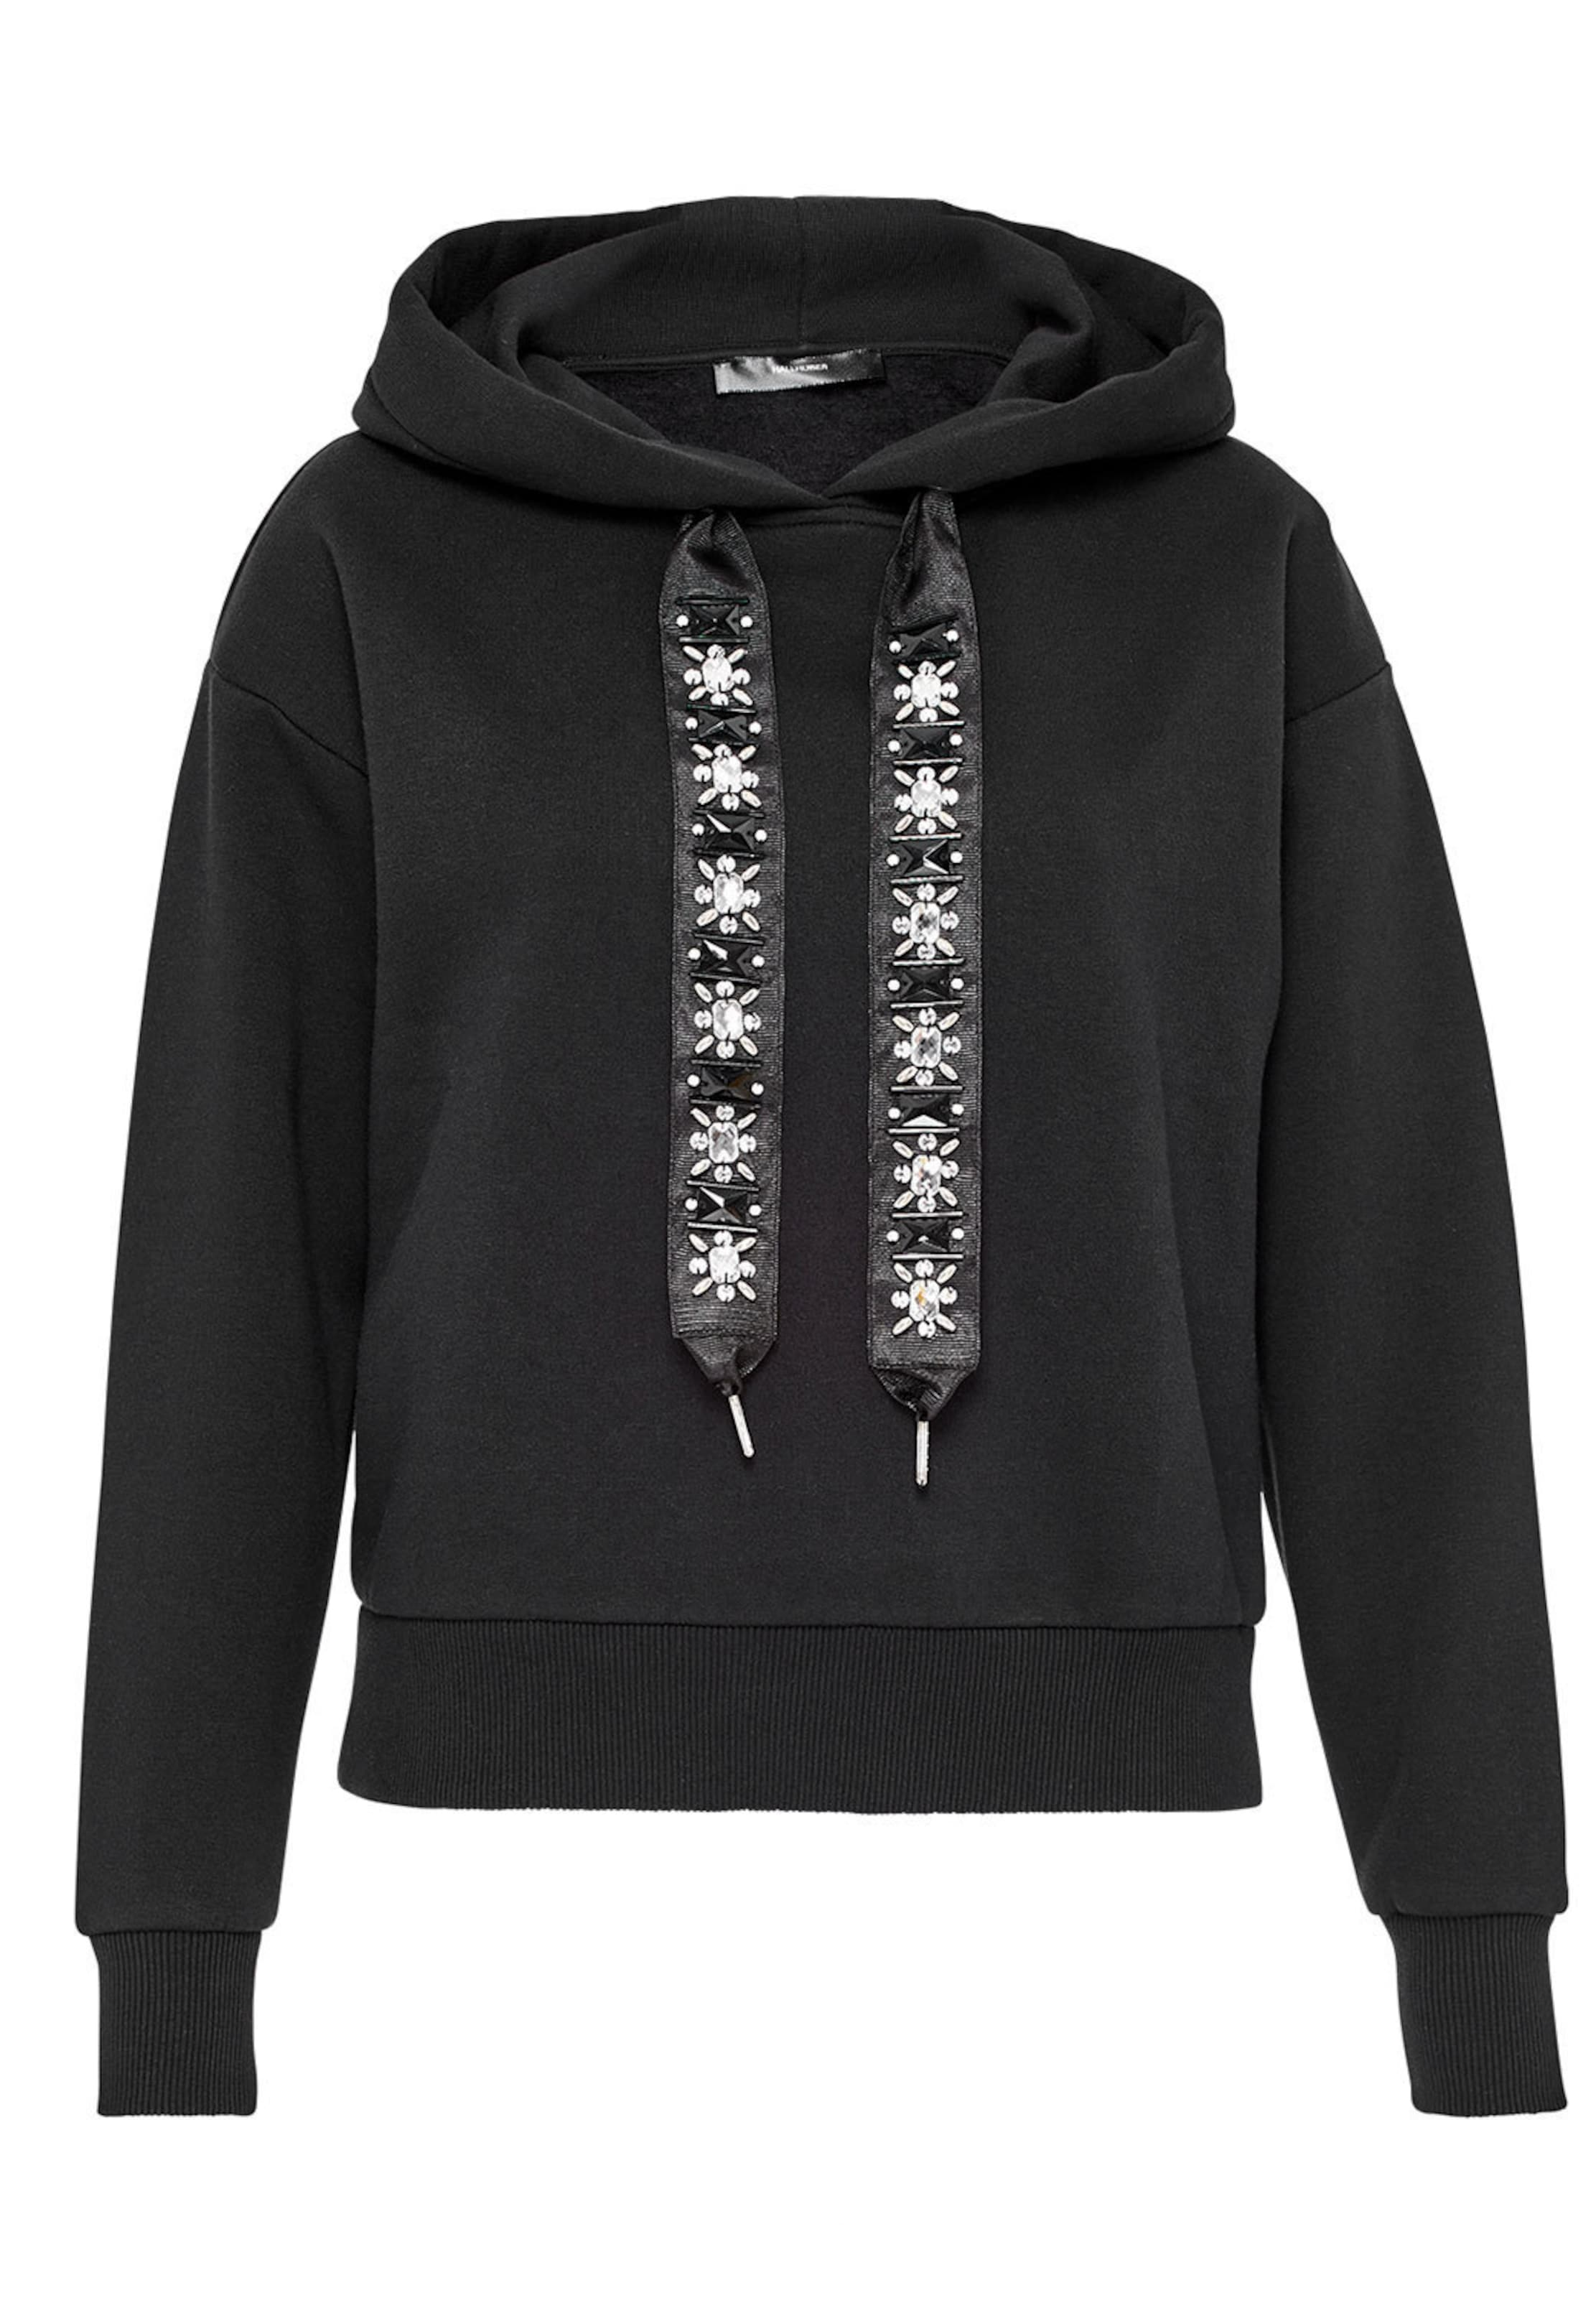 HALLHUBER Kurzes Sweatshirt mit Strassband Großer Verkauf Online Spielraum Online Ebay Verkauf Günstiger Preis lZuvNBe